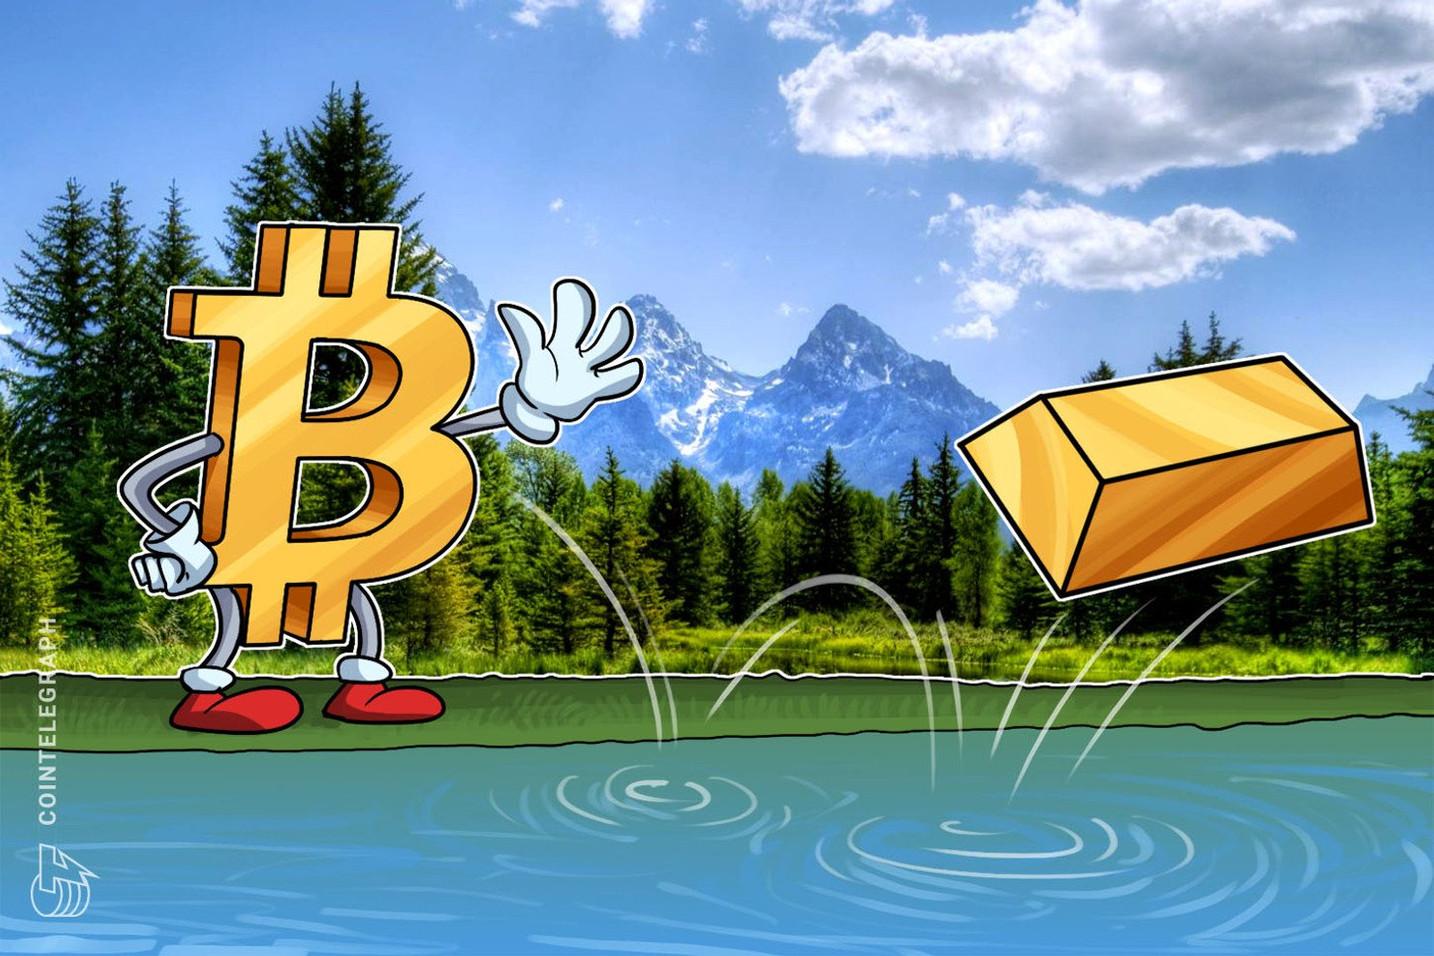 10000ドル回復の仮想通貨ビットコイン、今後は金の動きが重要に